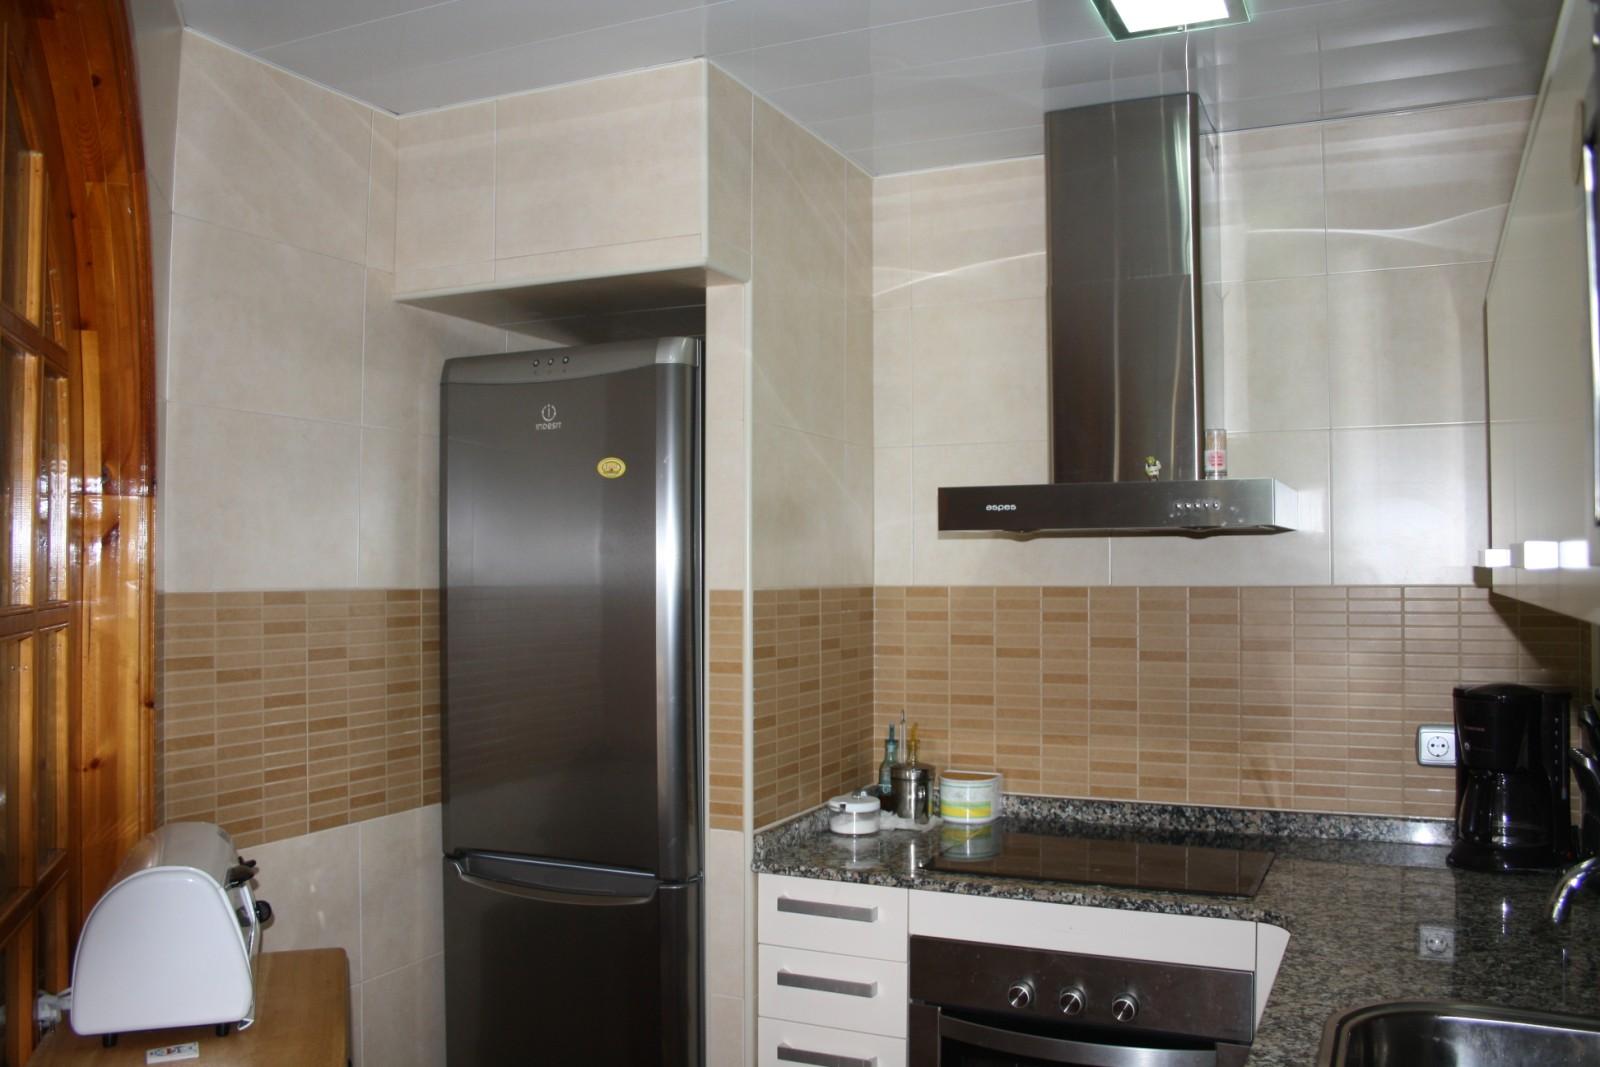 Casa de roda de bara alicatado cocina 4 fotos for Alicatados de cocinas